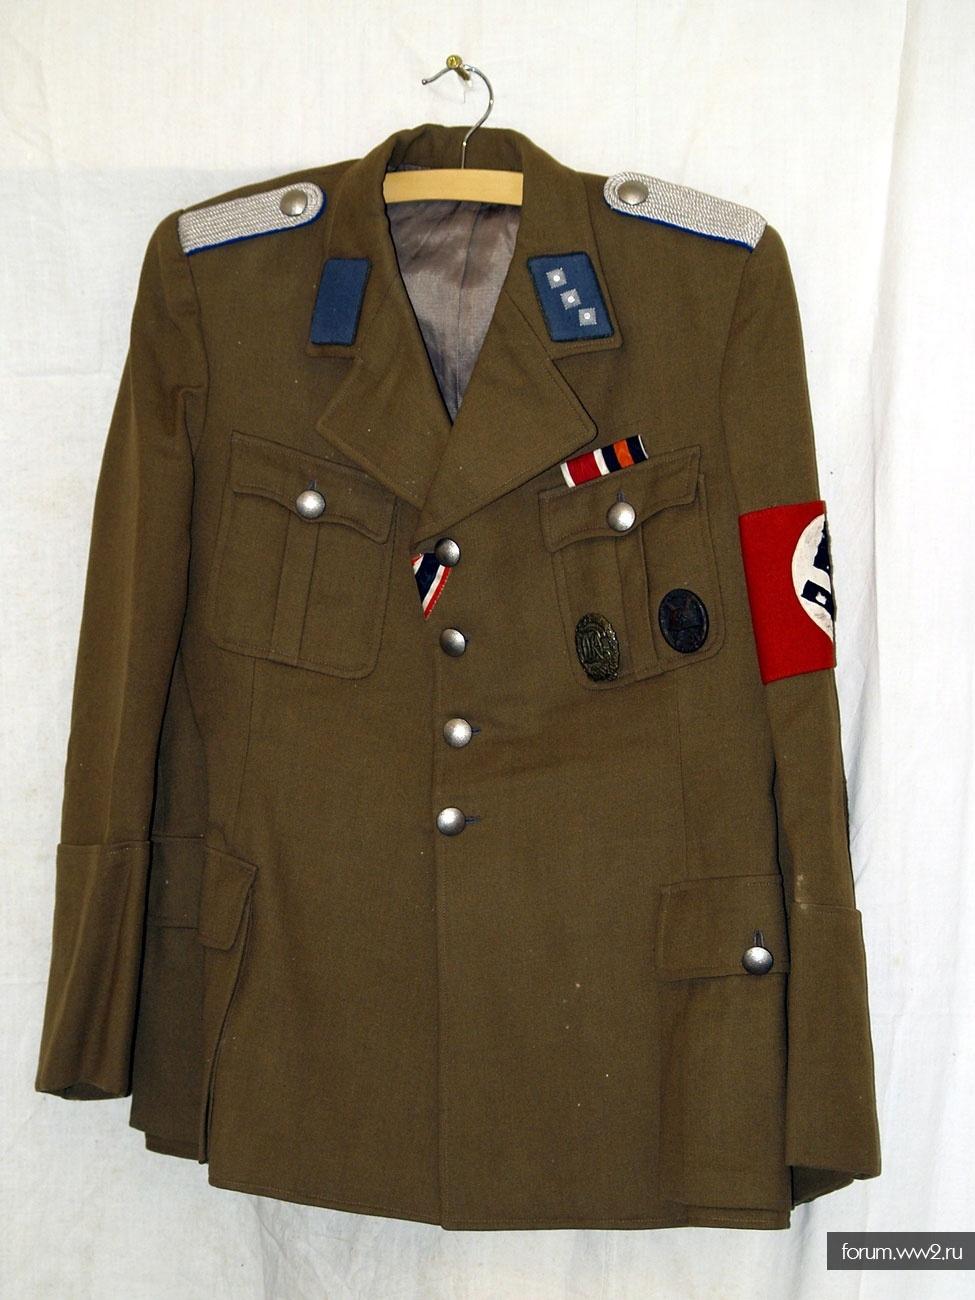 Китель NSDAP Обсуждение